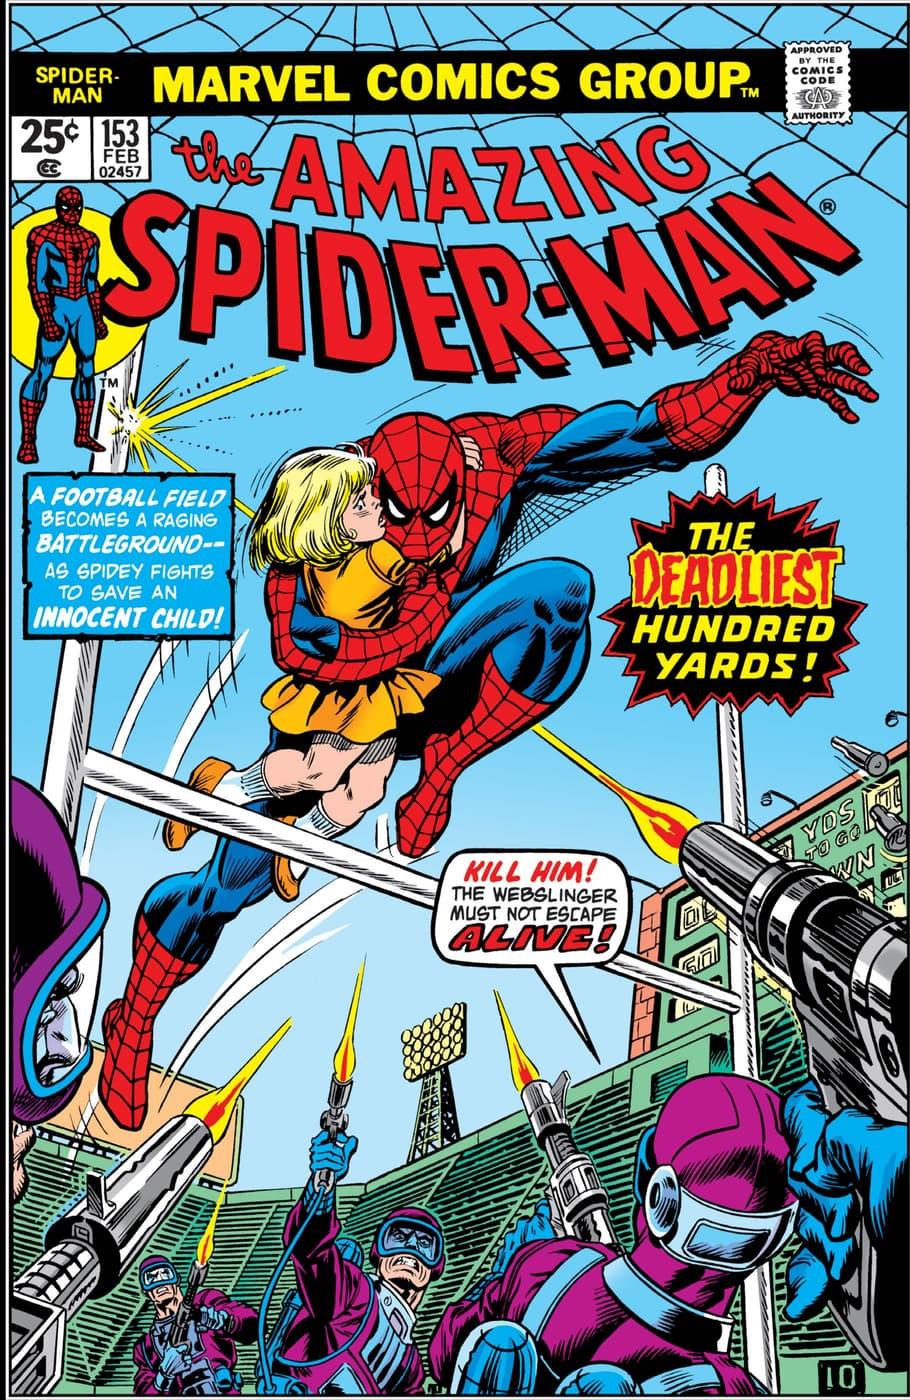 AMAZING SPIDER-MAN (1963) #153